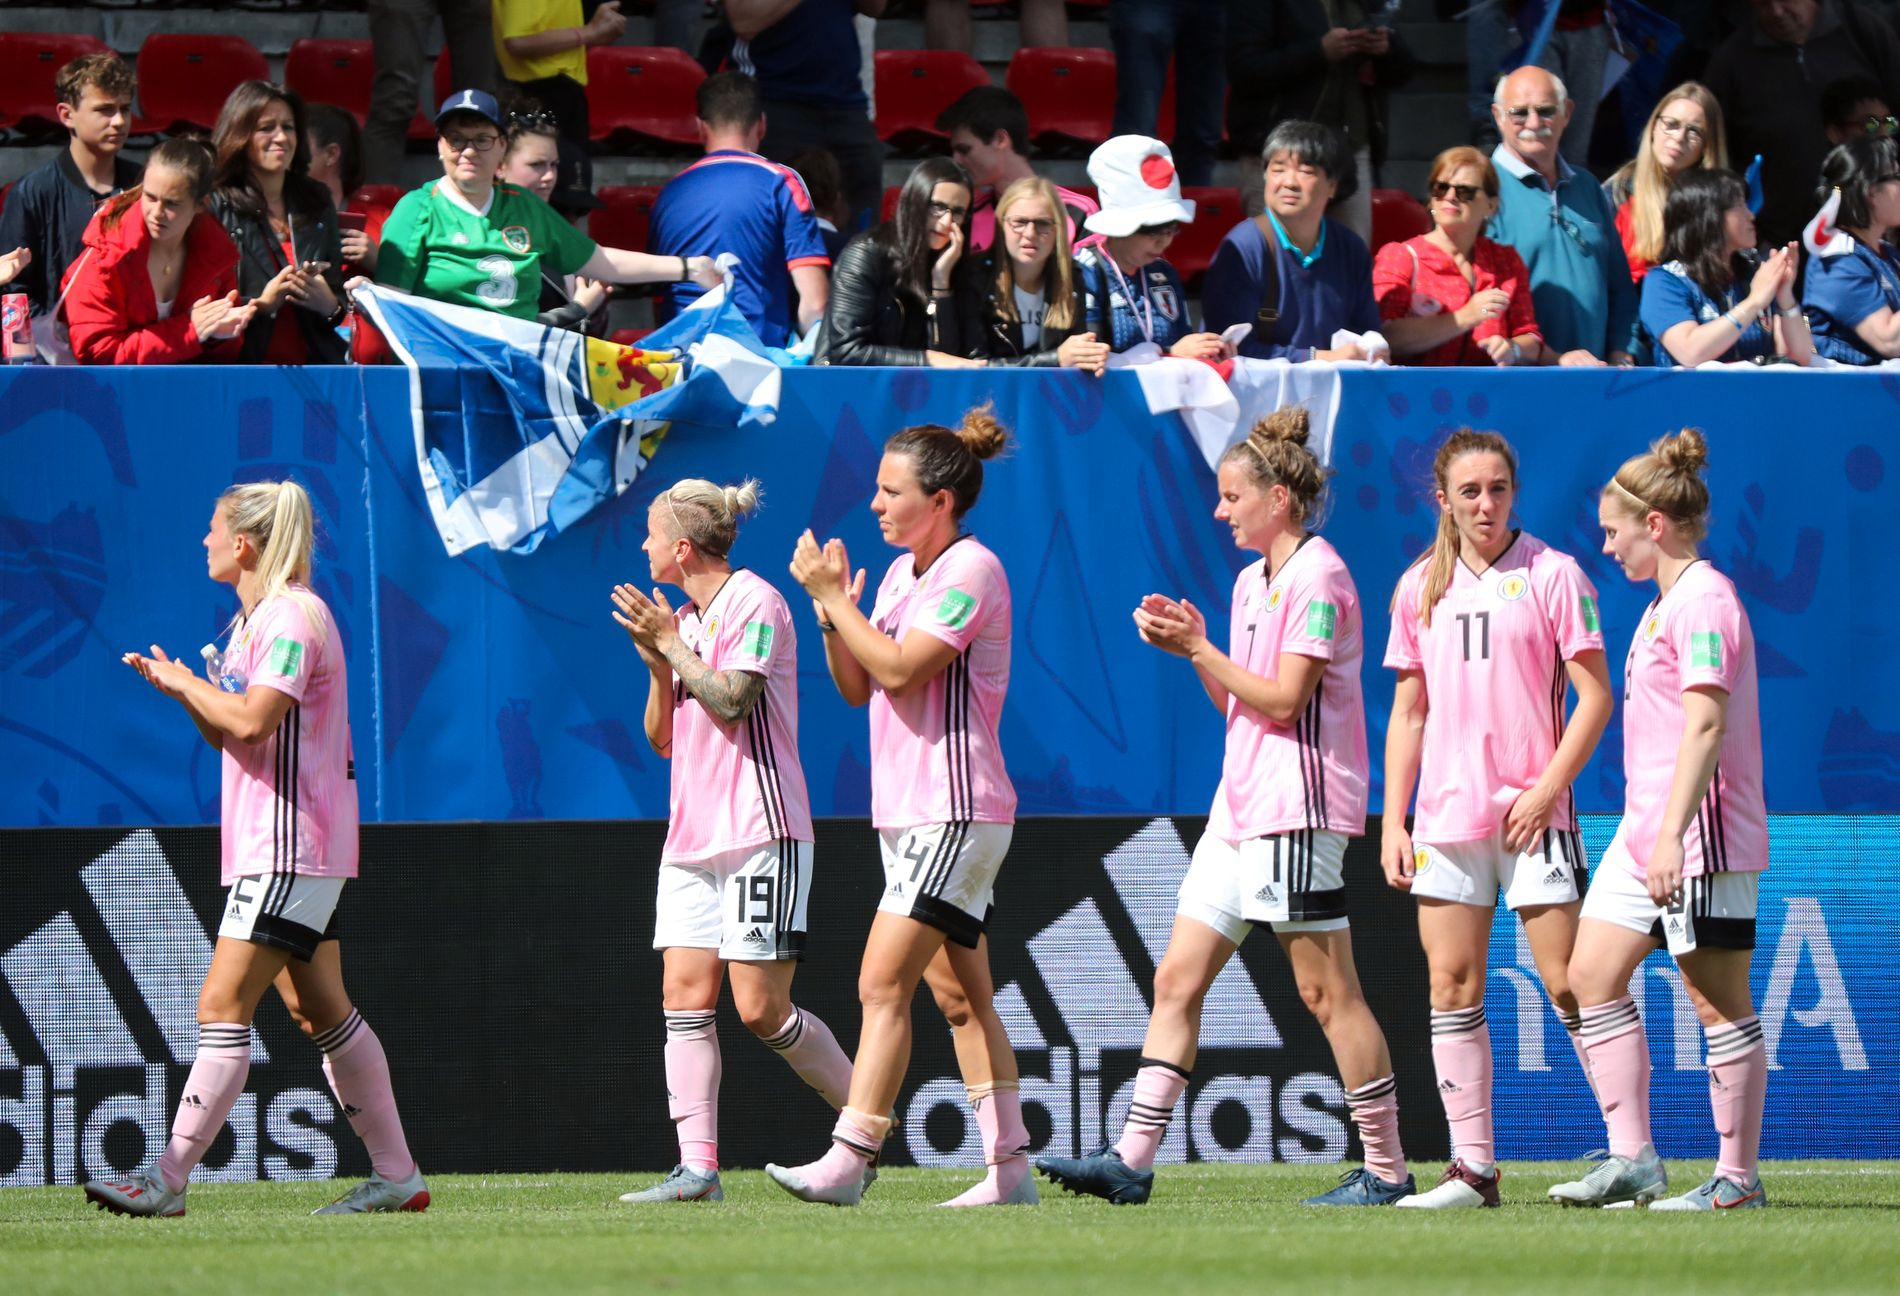 NEDTUR: Skottlands spillere applauderer til fansen etter tapet mot Japan.